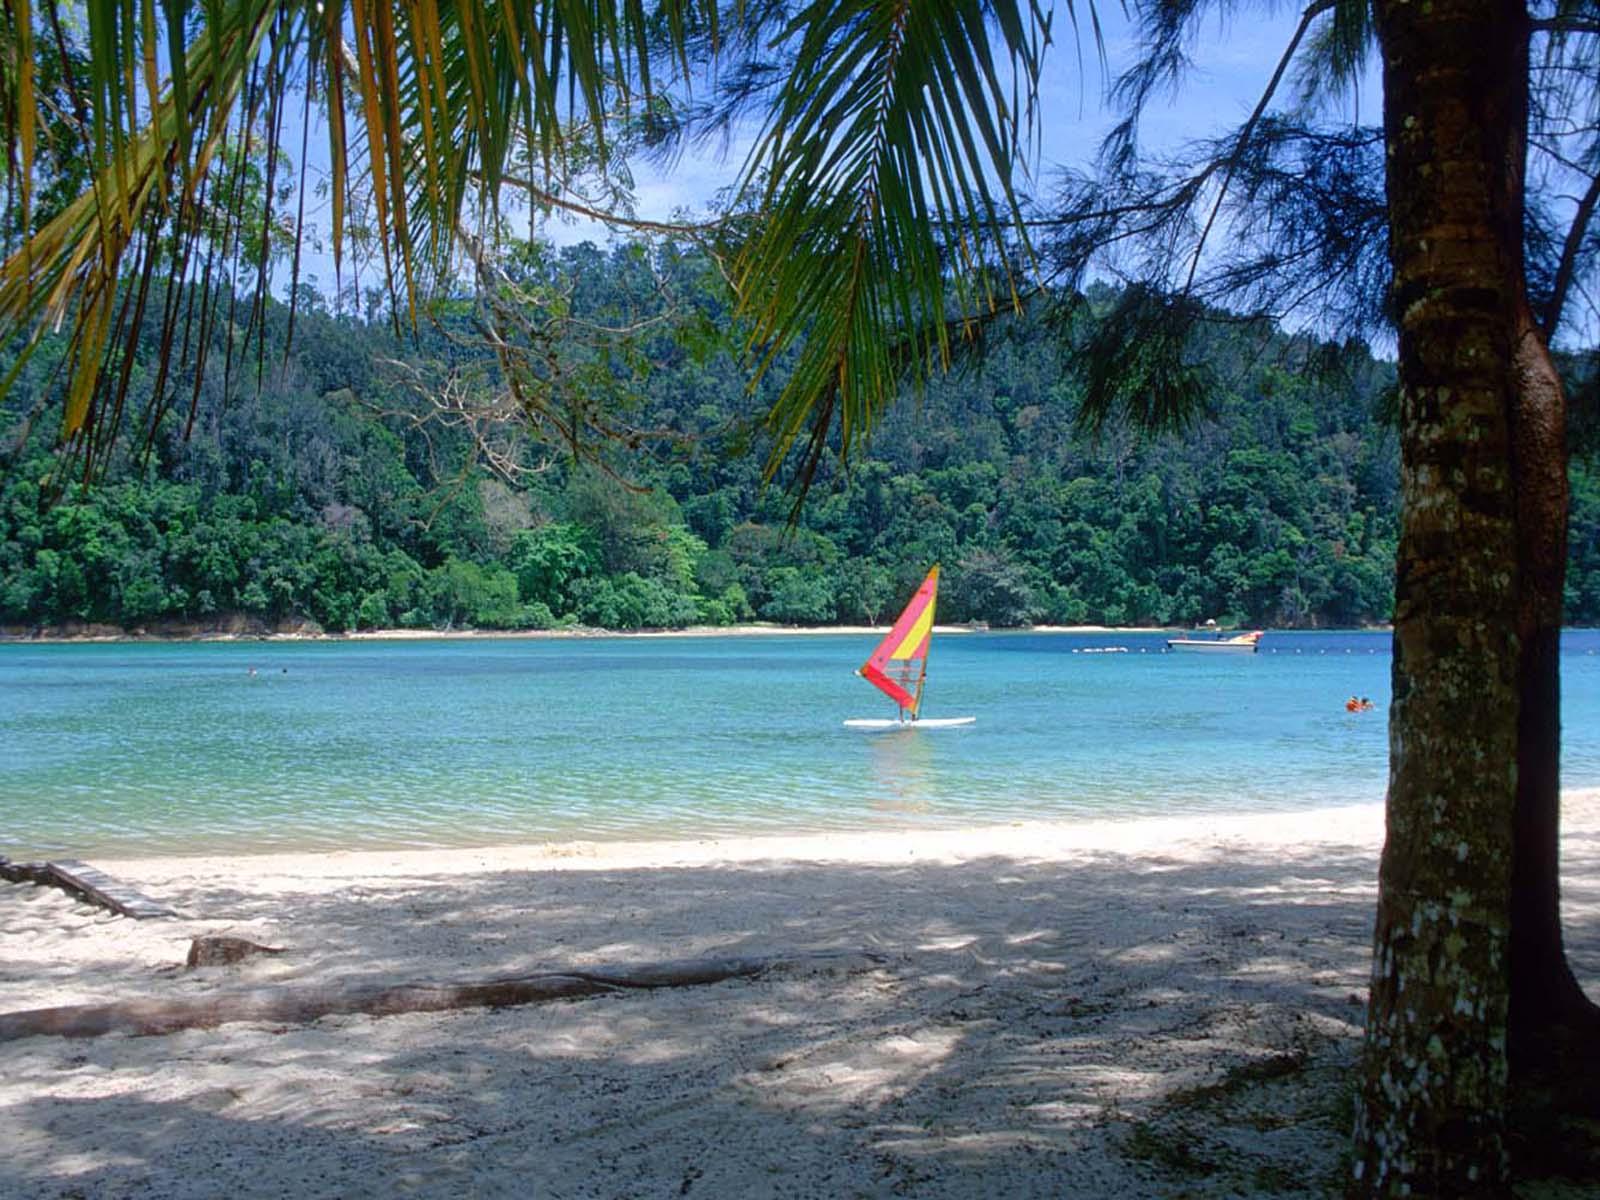 tropical beach wallpaper 120 - photo #21